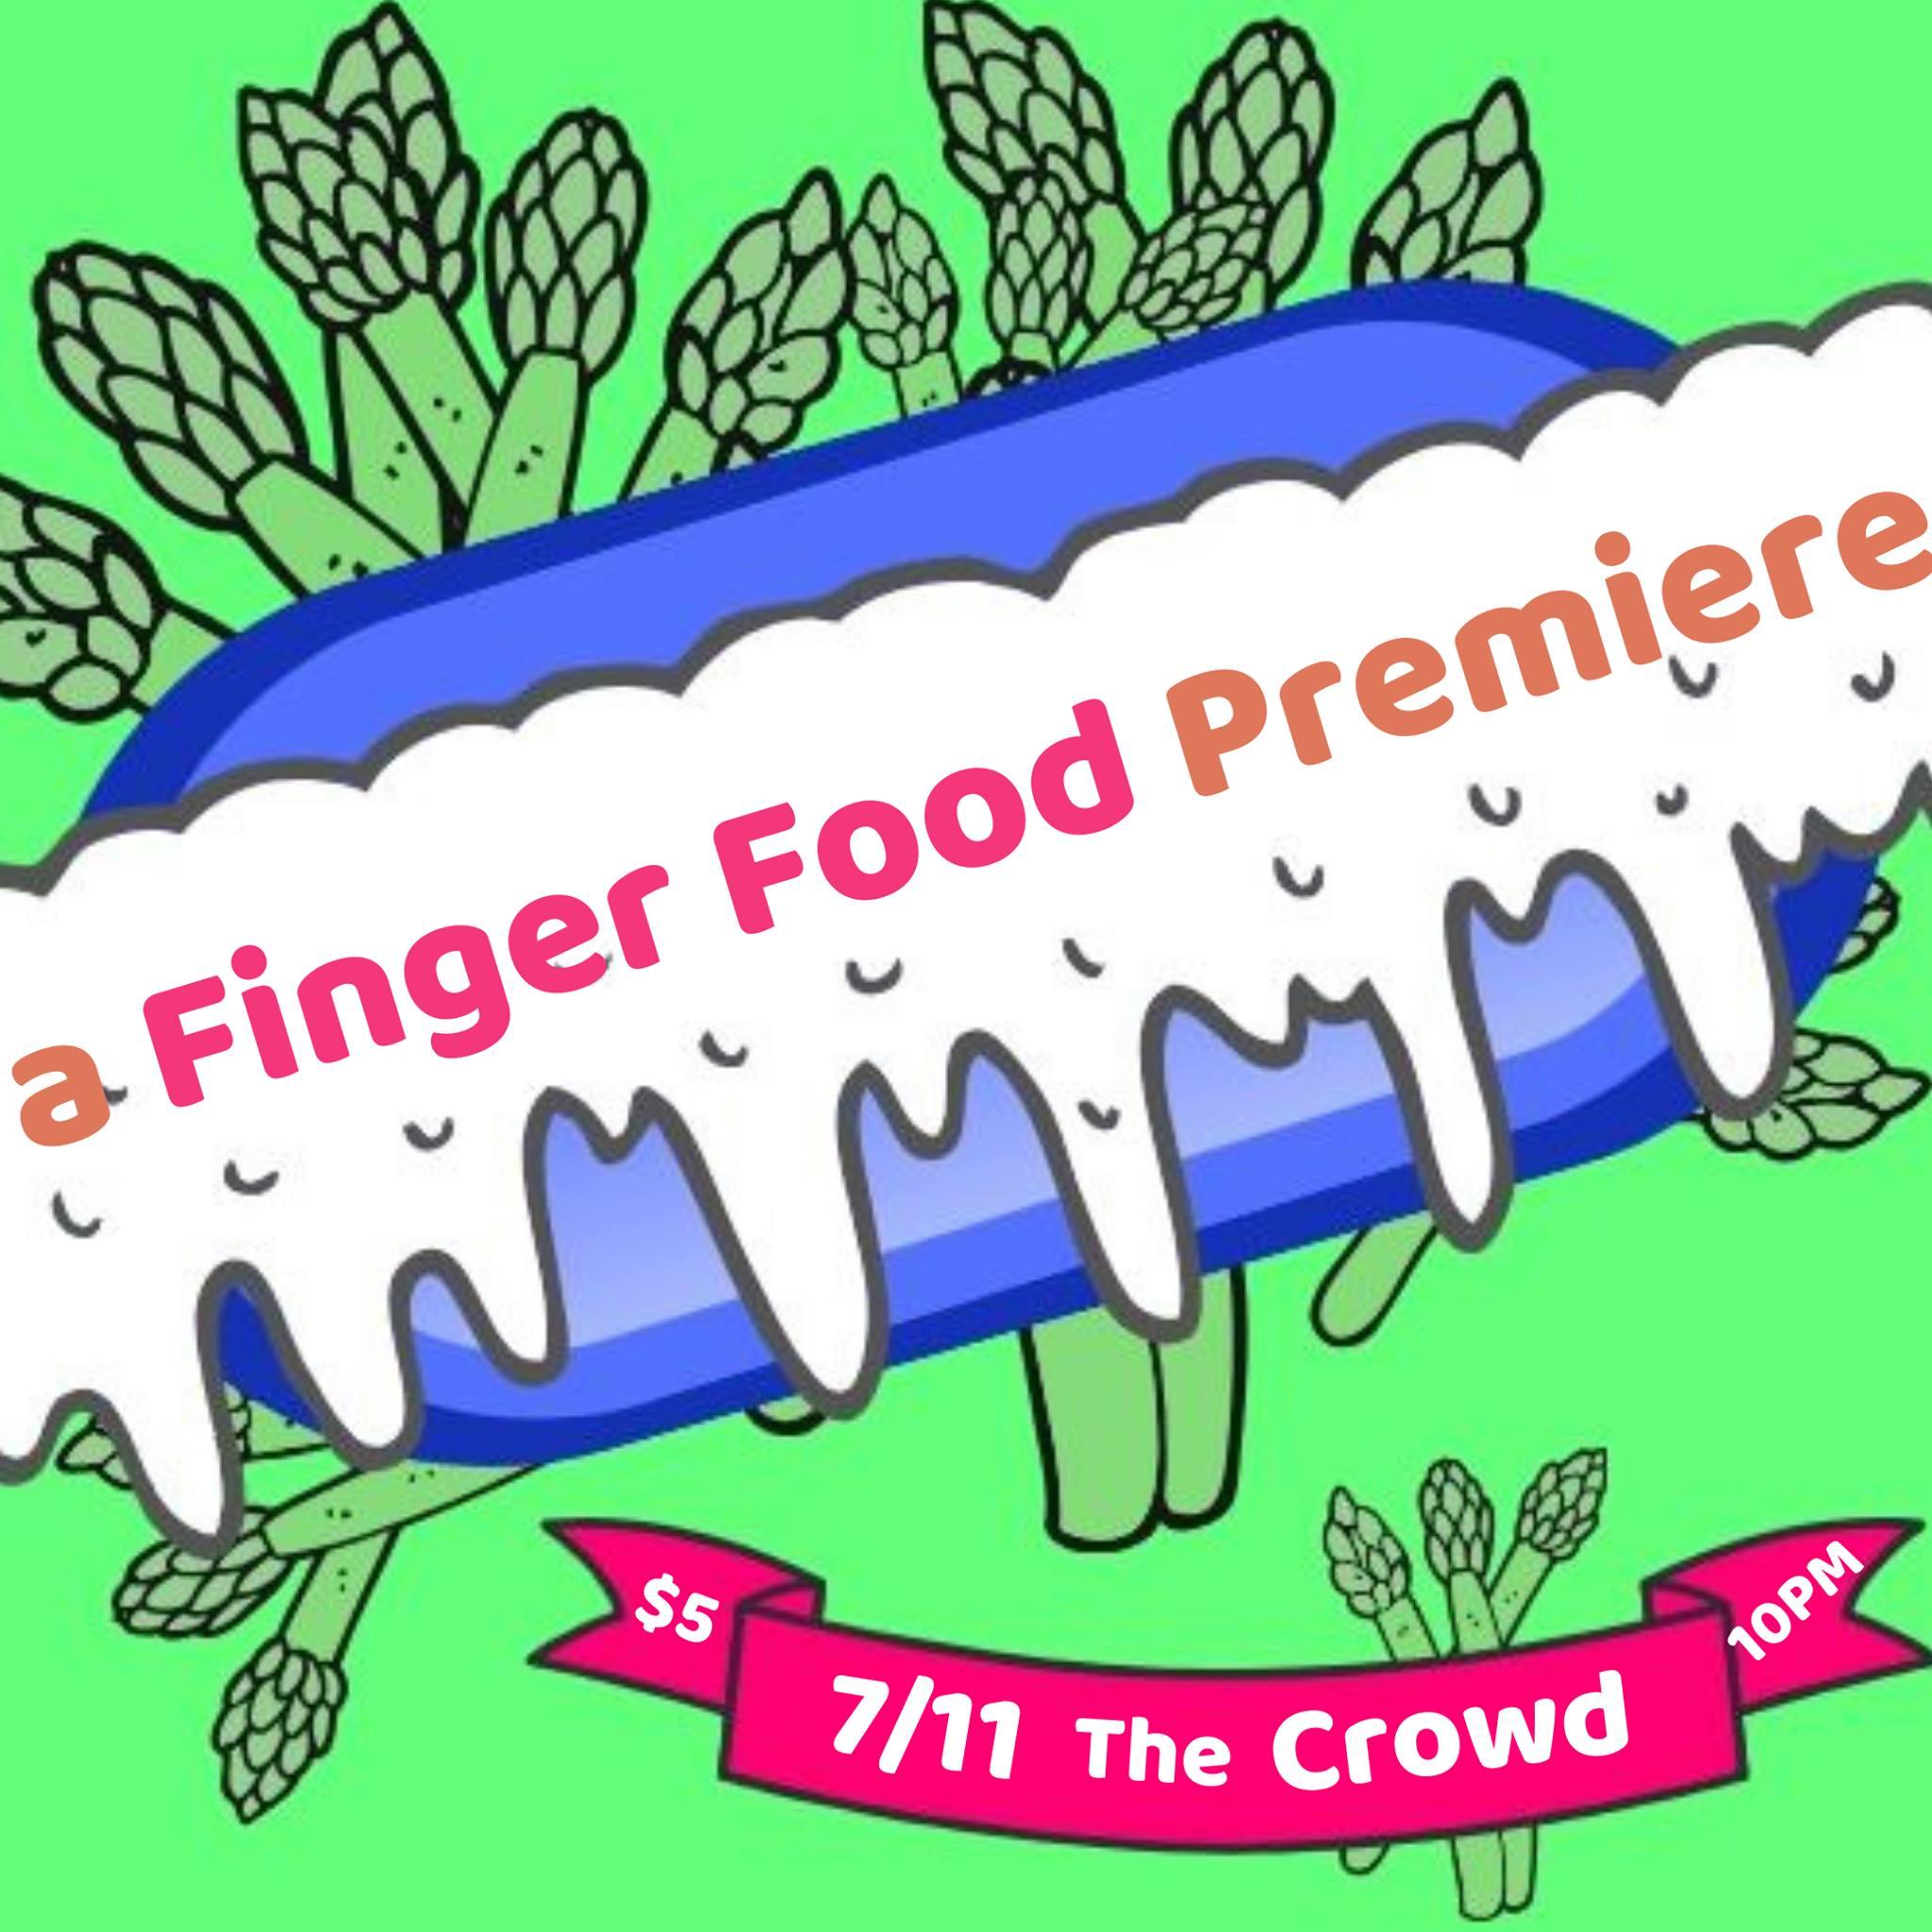 Finger food.jpg